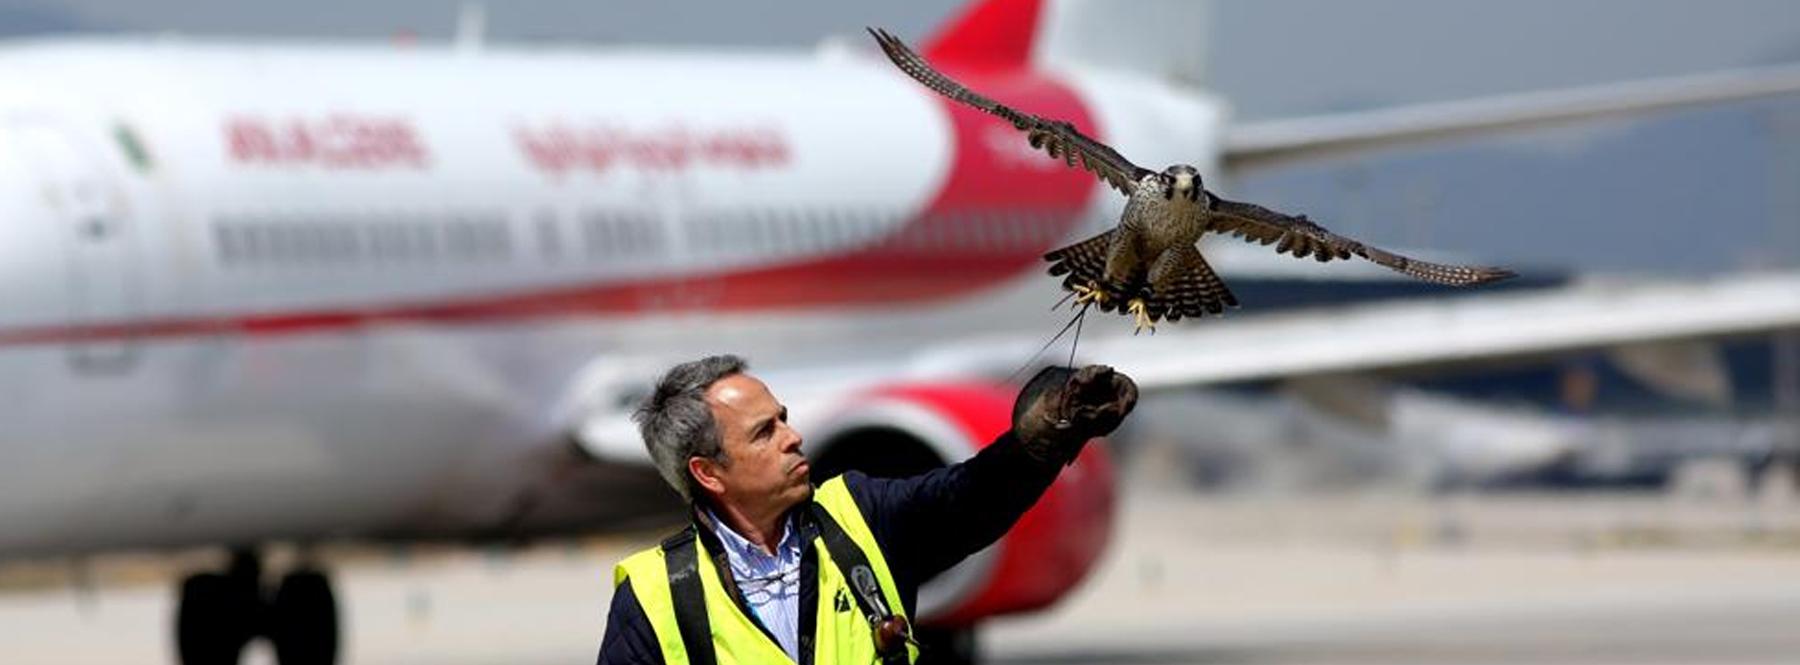 Los drones sustituyen a las aves rapaces como vigilantes de los aeropuertos